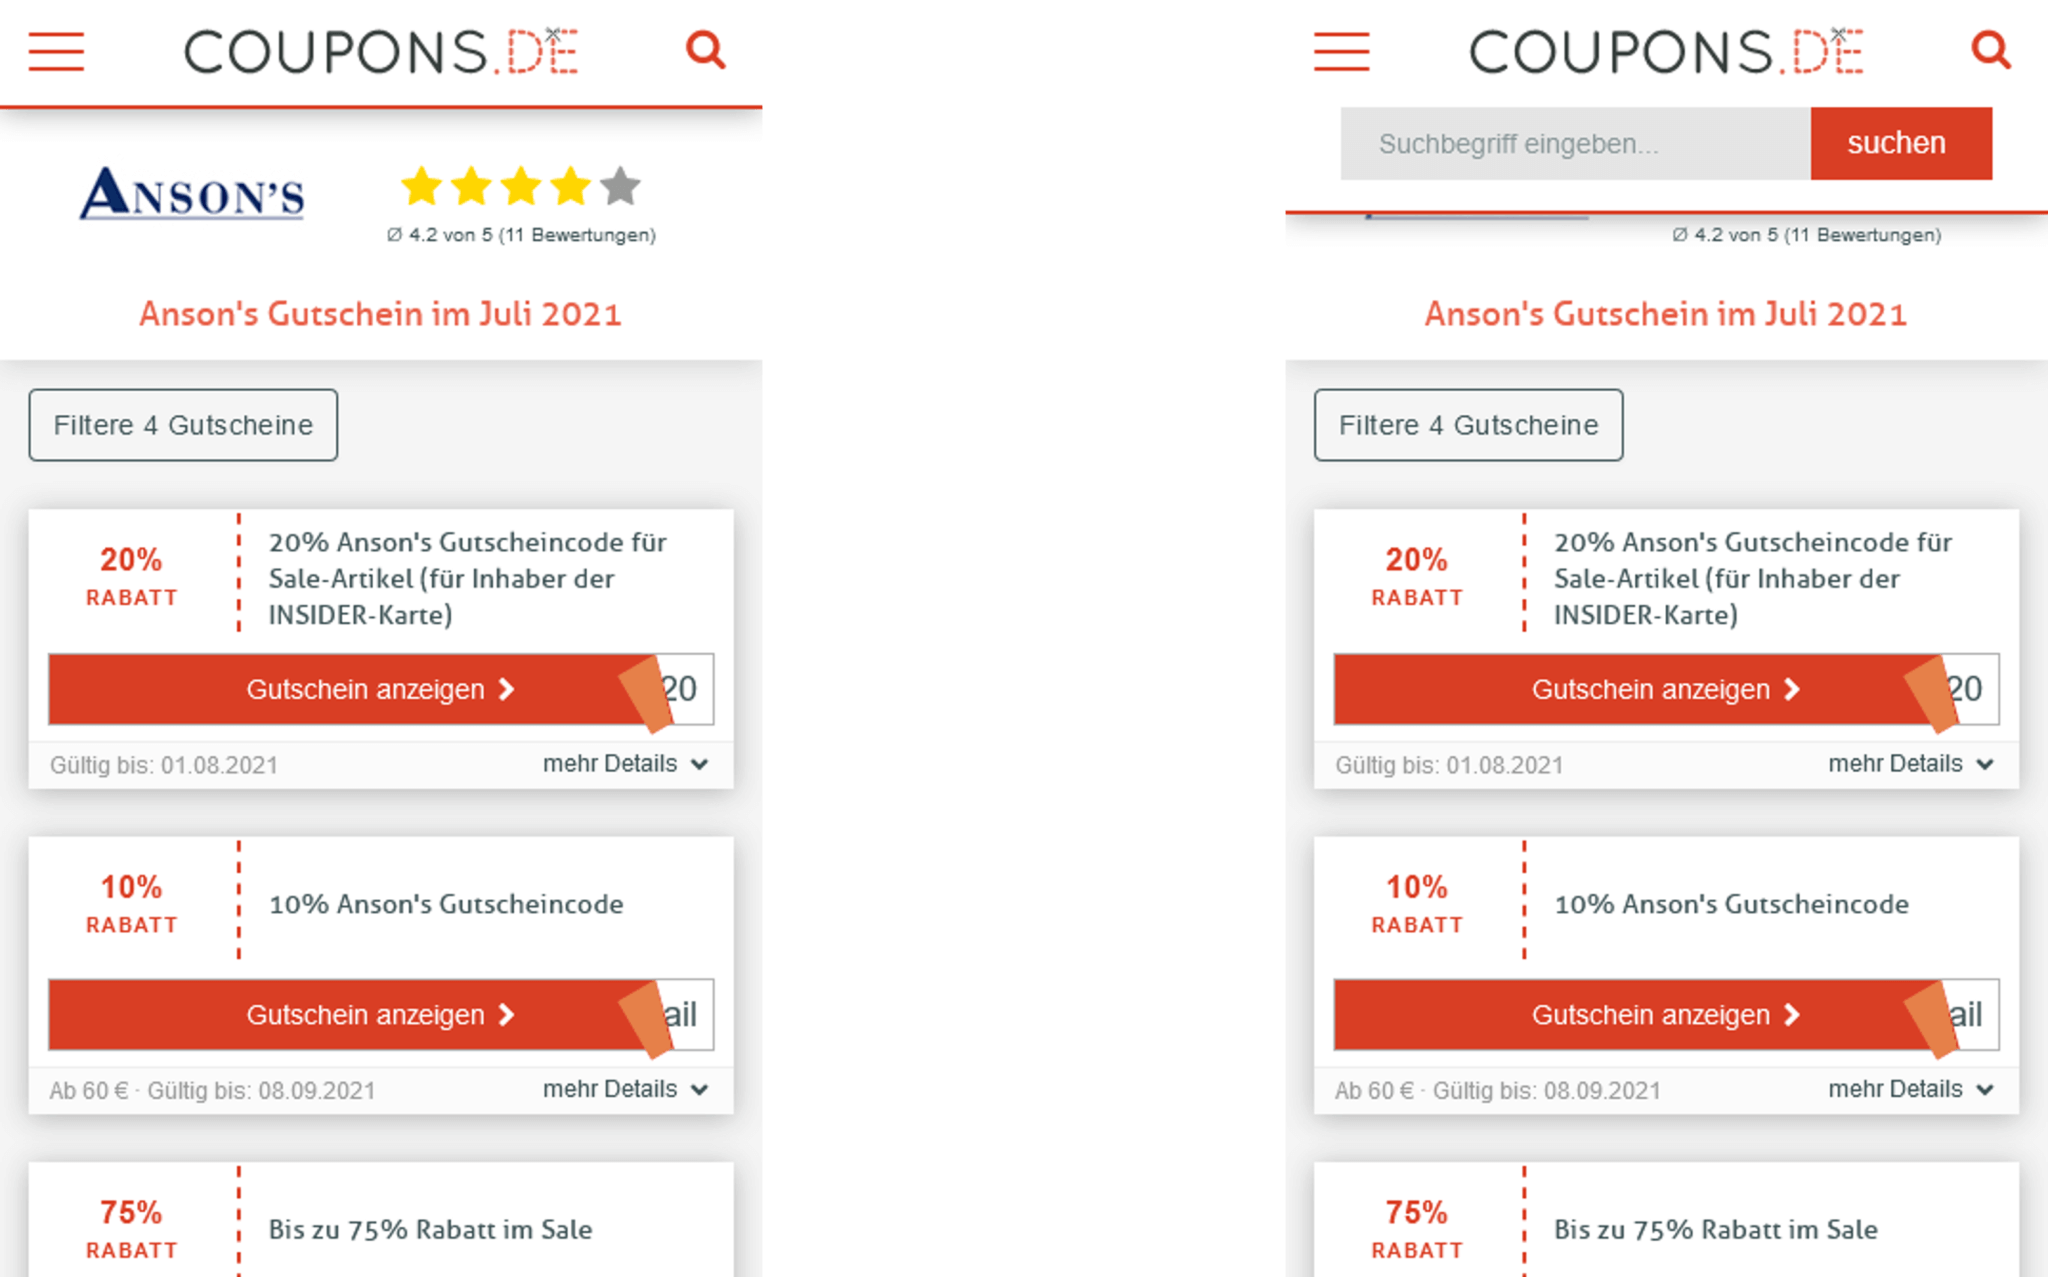 Coupons.de Suchfunktion Best Practice